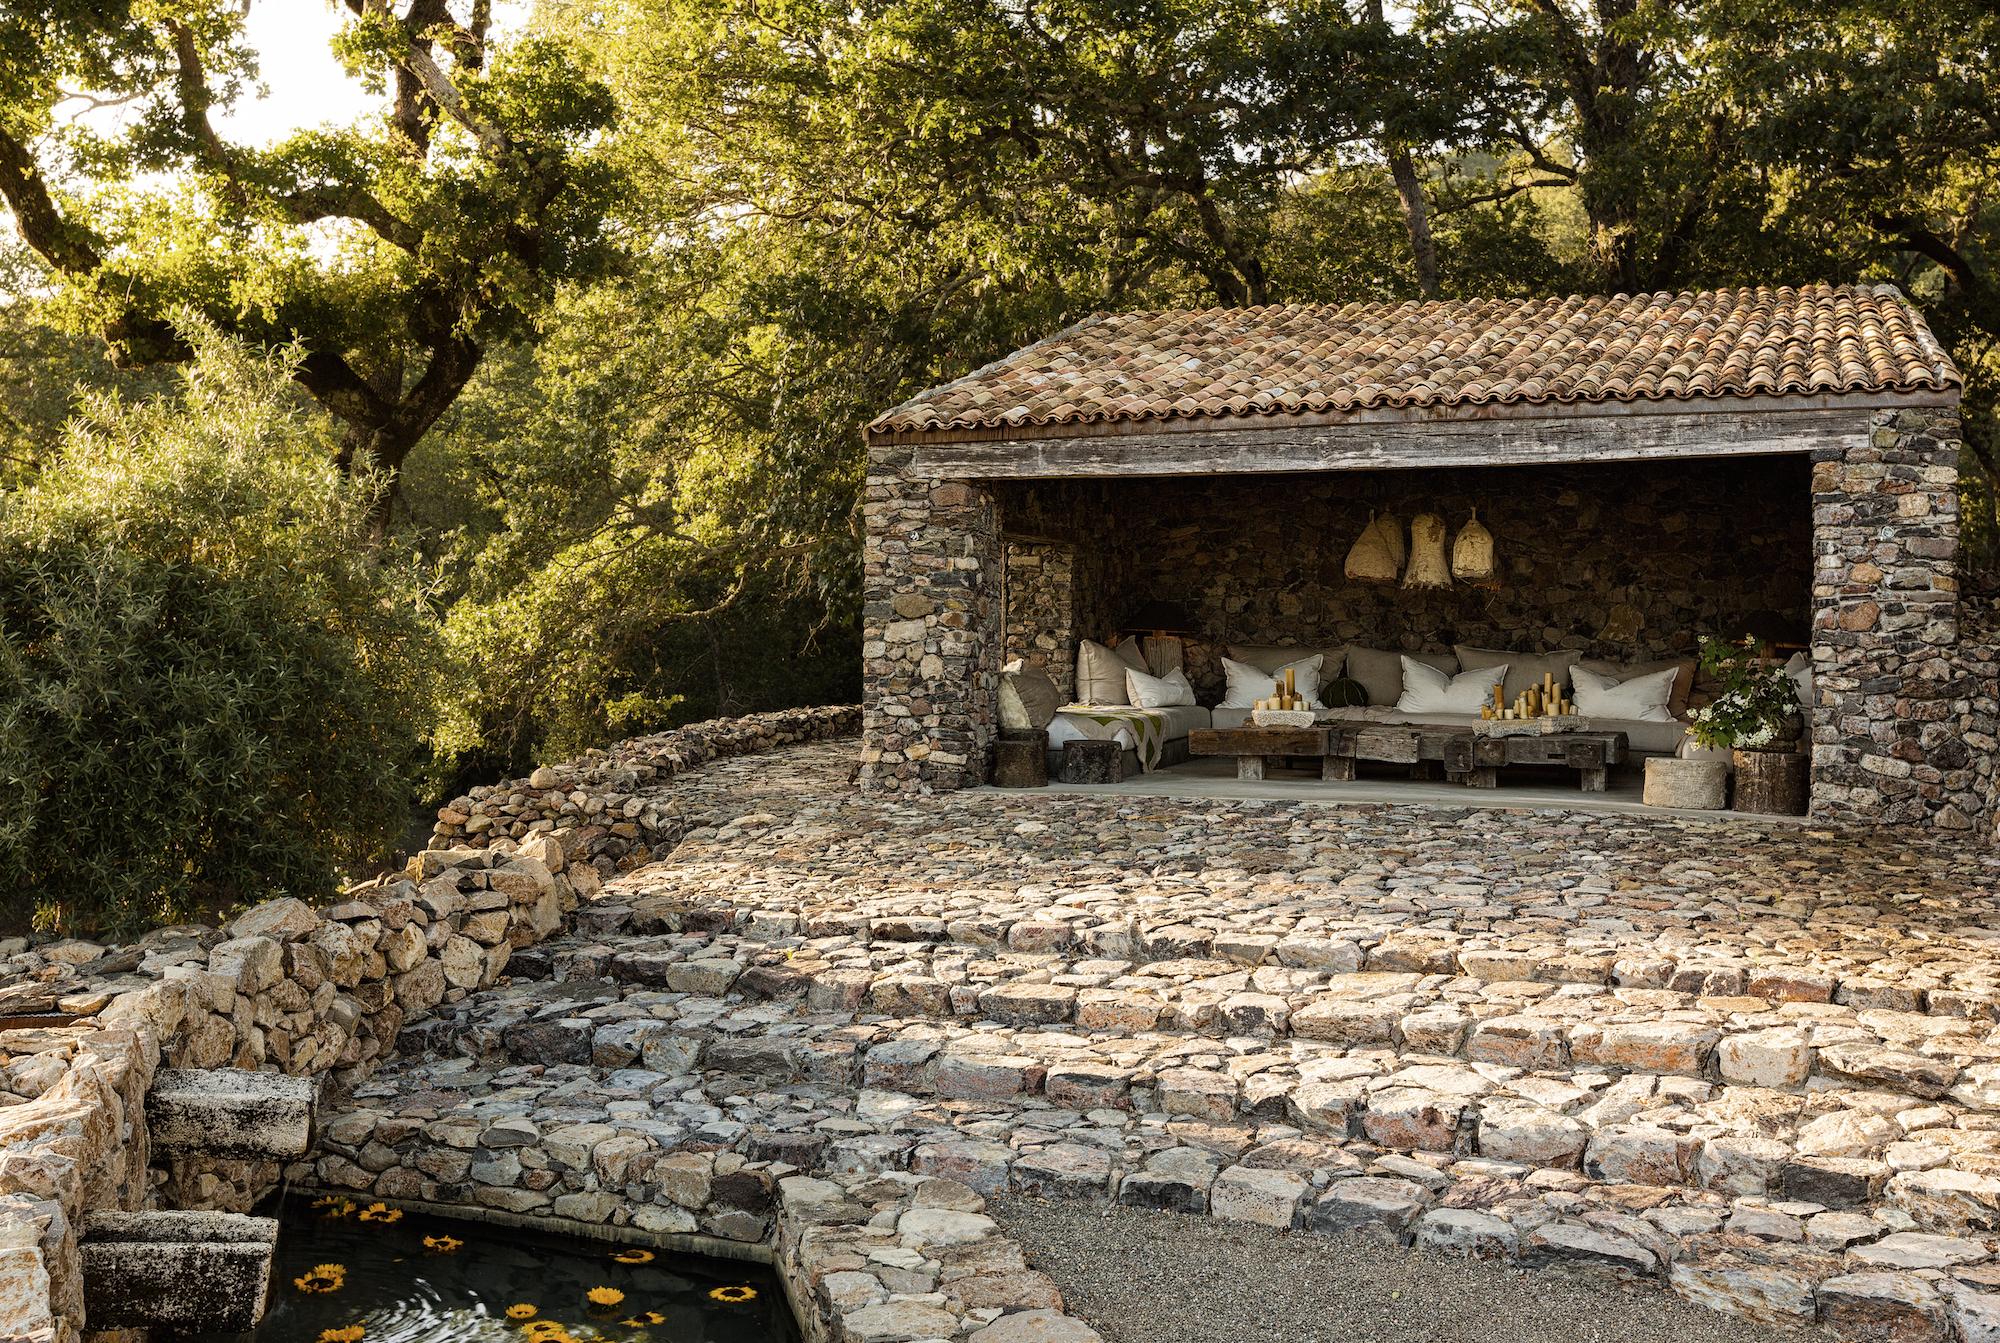 La maison de la pierre garden sonoma